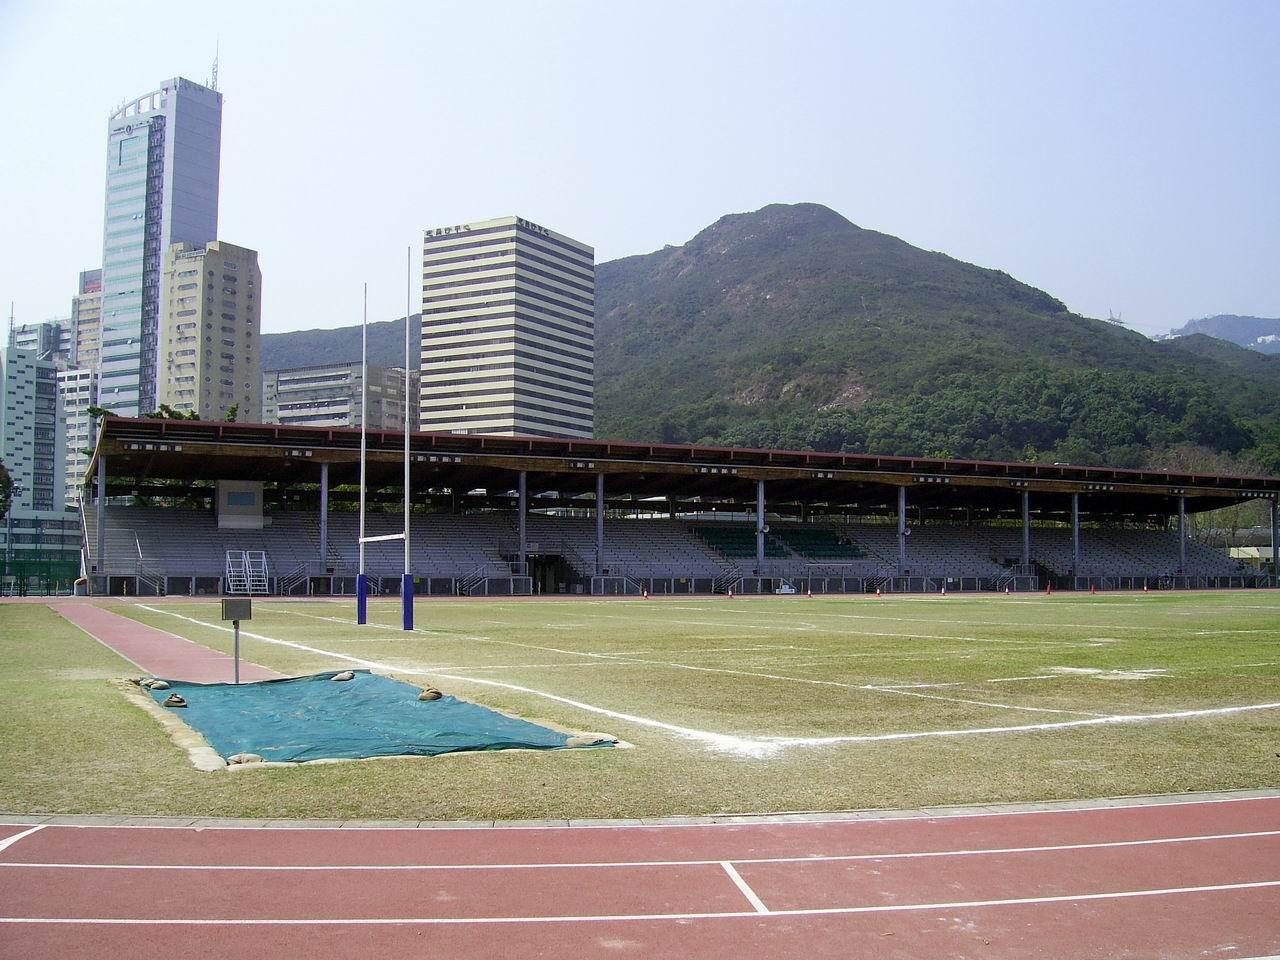 HK_AberdeenSportsGround.JPG